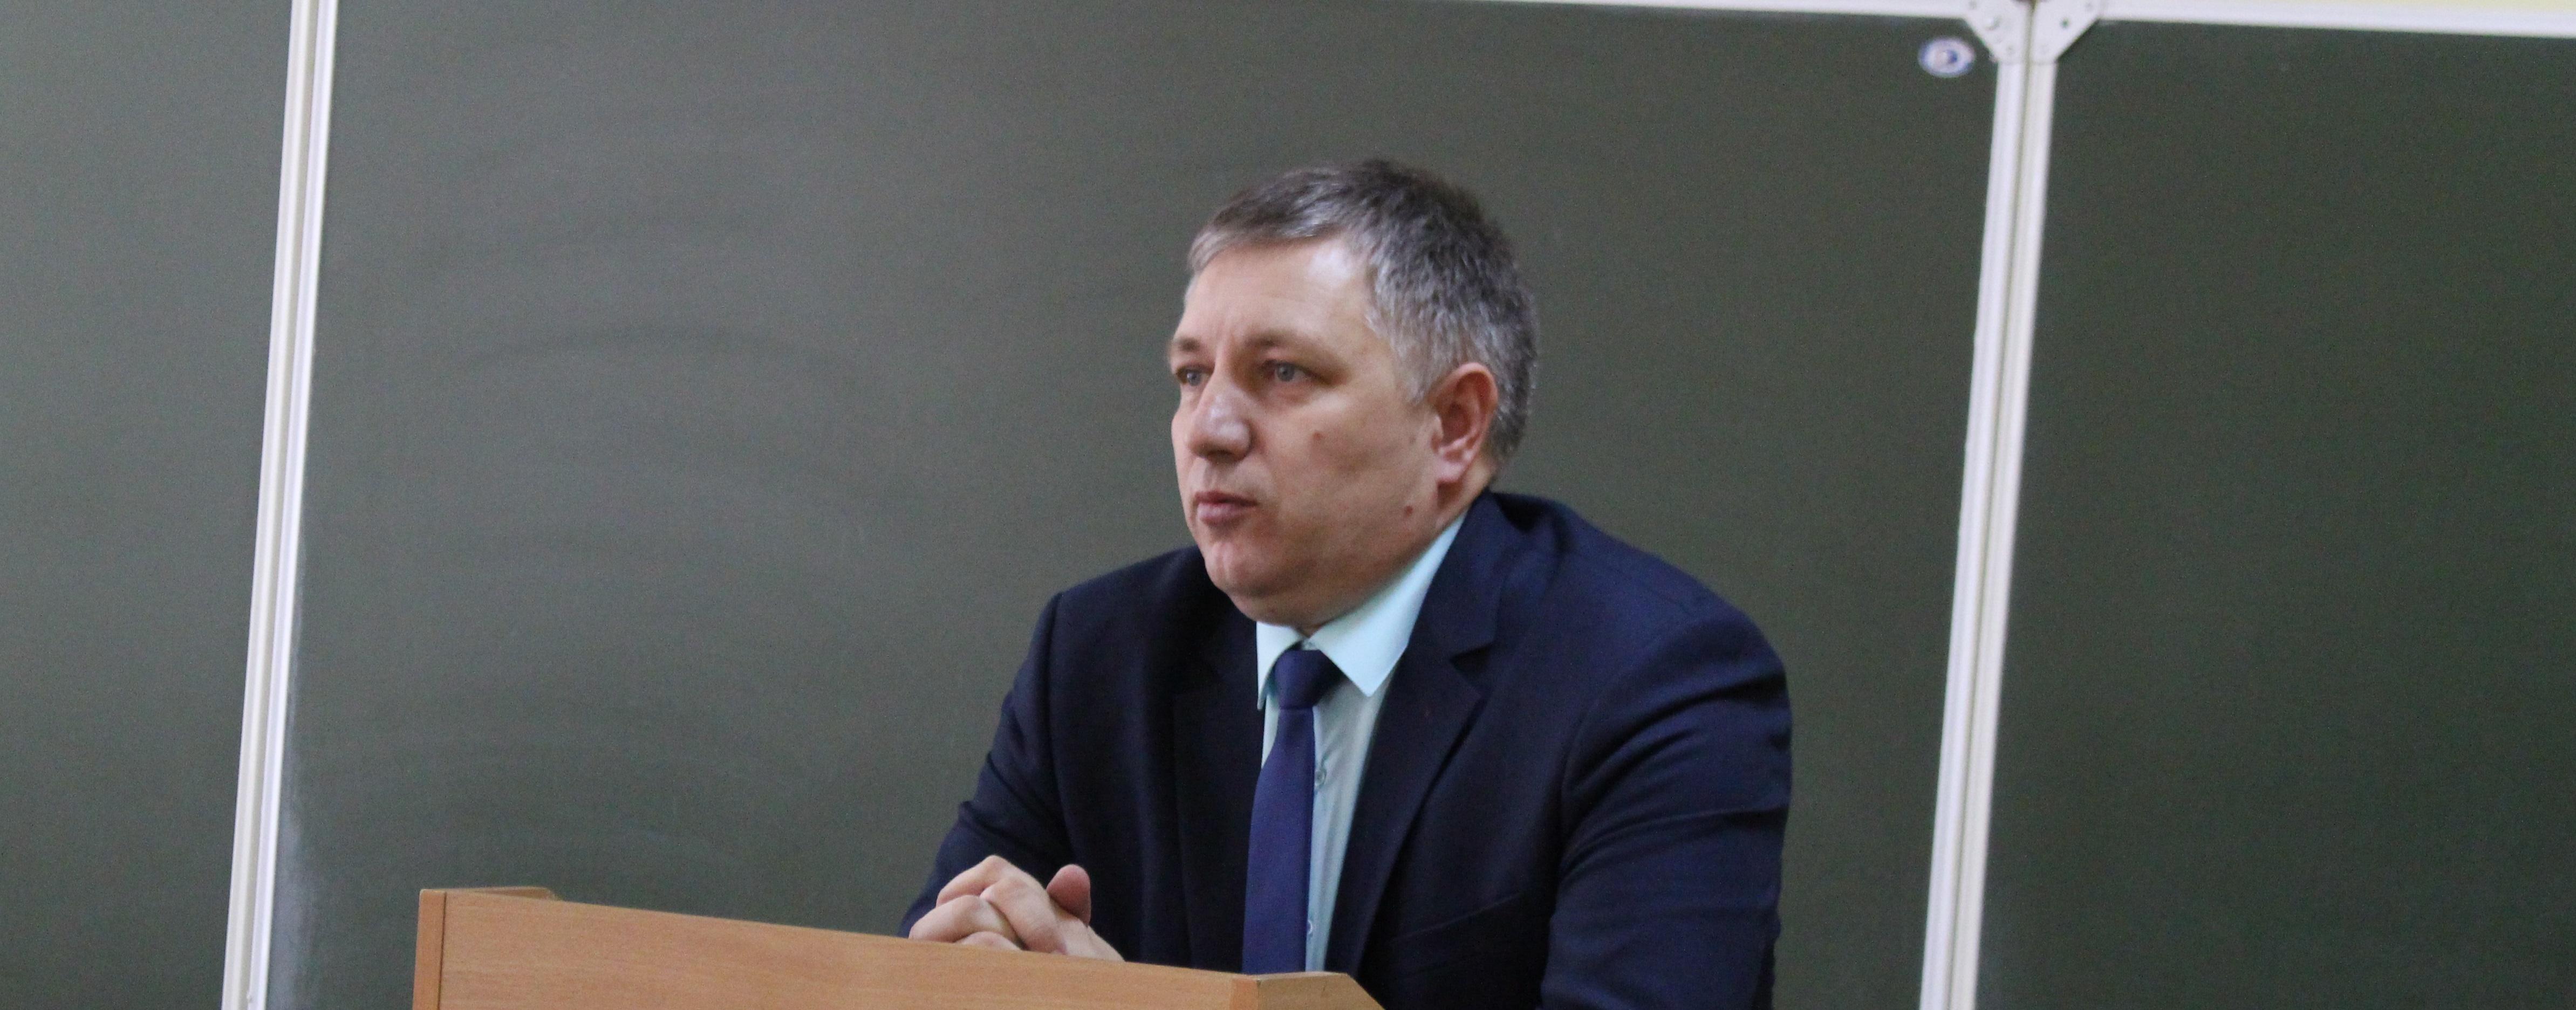 встреча студентов 5 курса с заместителем начальника Управления МВД России по г. Челябинску